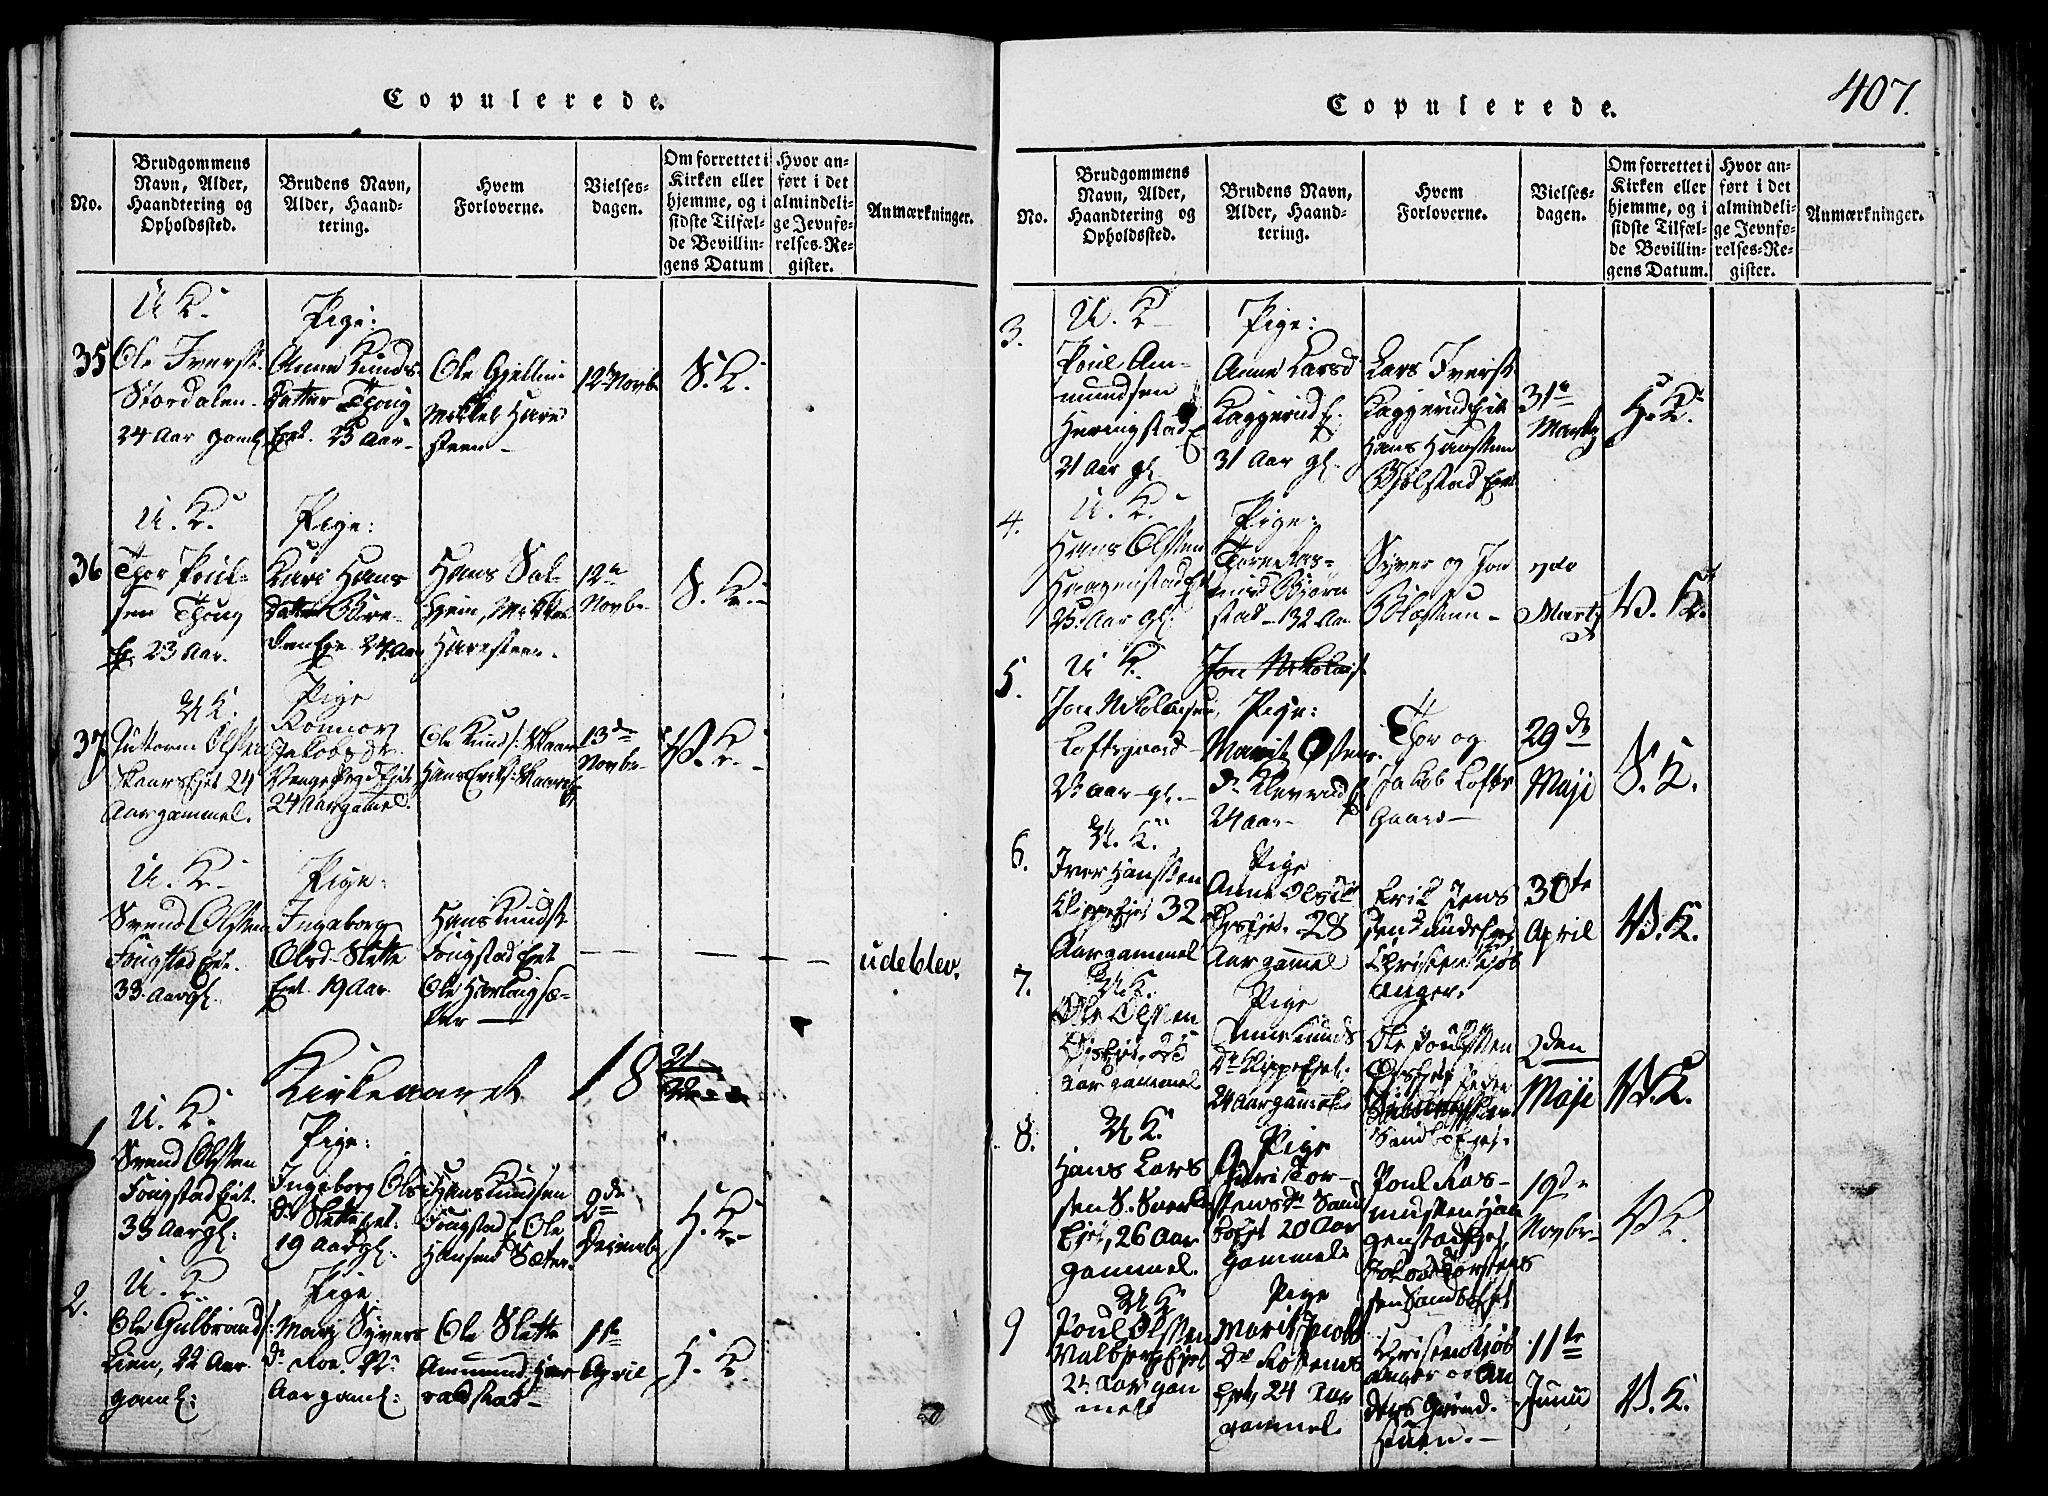 SAH, Vågå prestekontor, Klokkerbok nr. 1, 1815-1827, s. 406-407